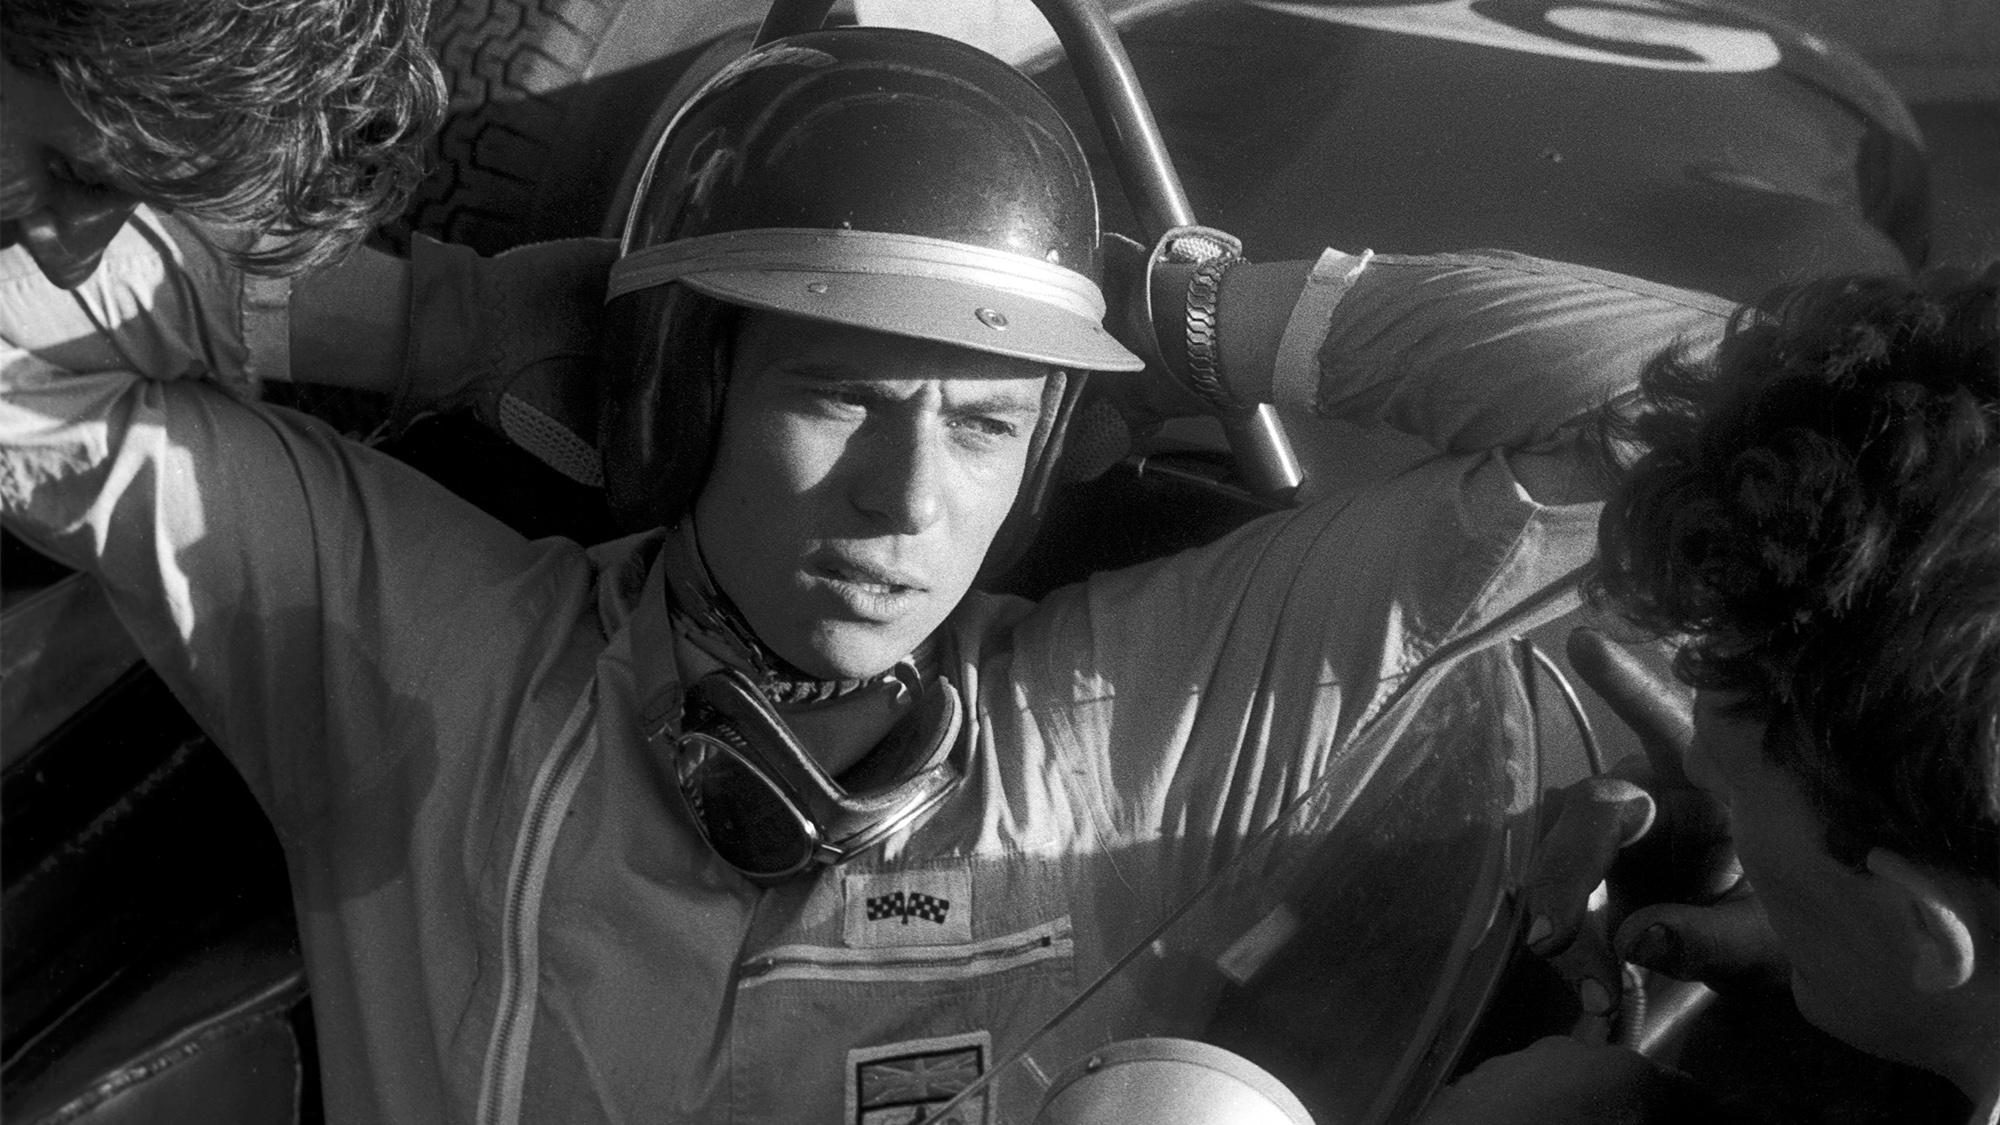 Jim Clark in his Lotus 18 at the 1961 Syracuse Grand prix